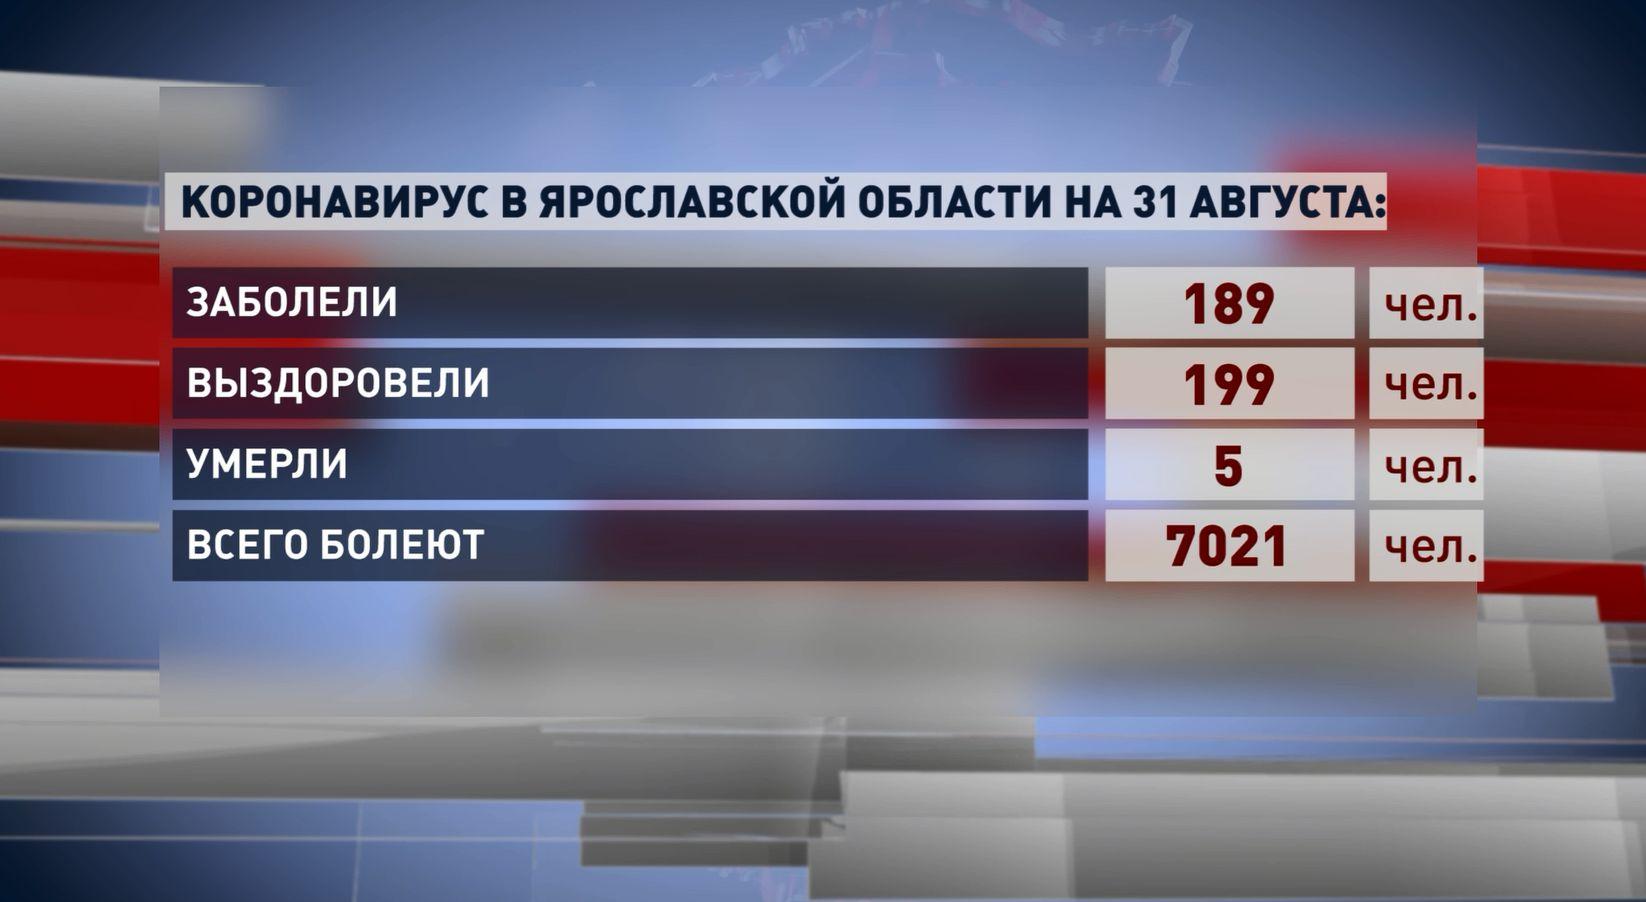 Число выздоровевших от ковида в Ярославской области превысило количество заболевших